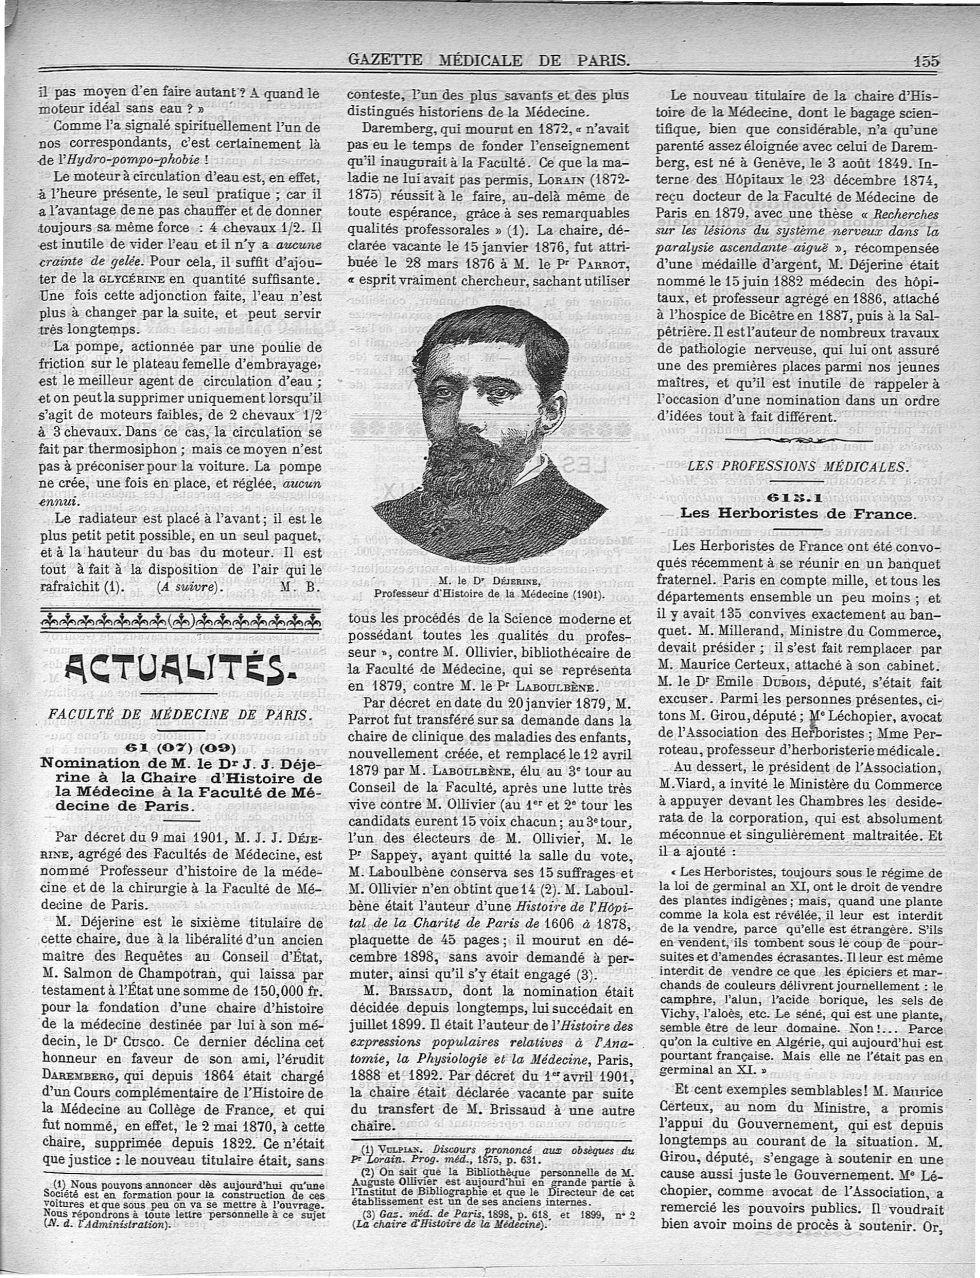 M. le Dr Déjerine - Gazette médicale de Paris : journal de médecine et des sciences accessoires - Médecins. France. 19e siècle. 20e siècle - med90182X1901X01x0159